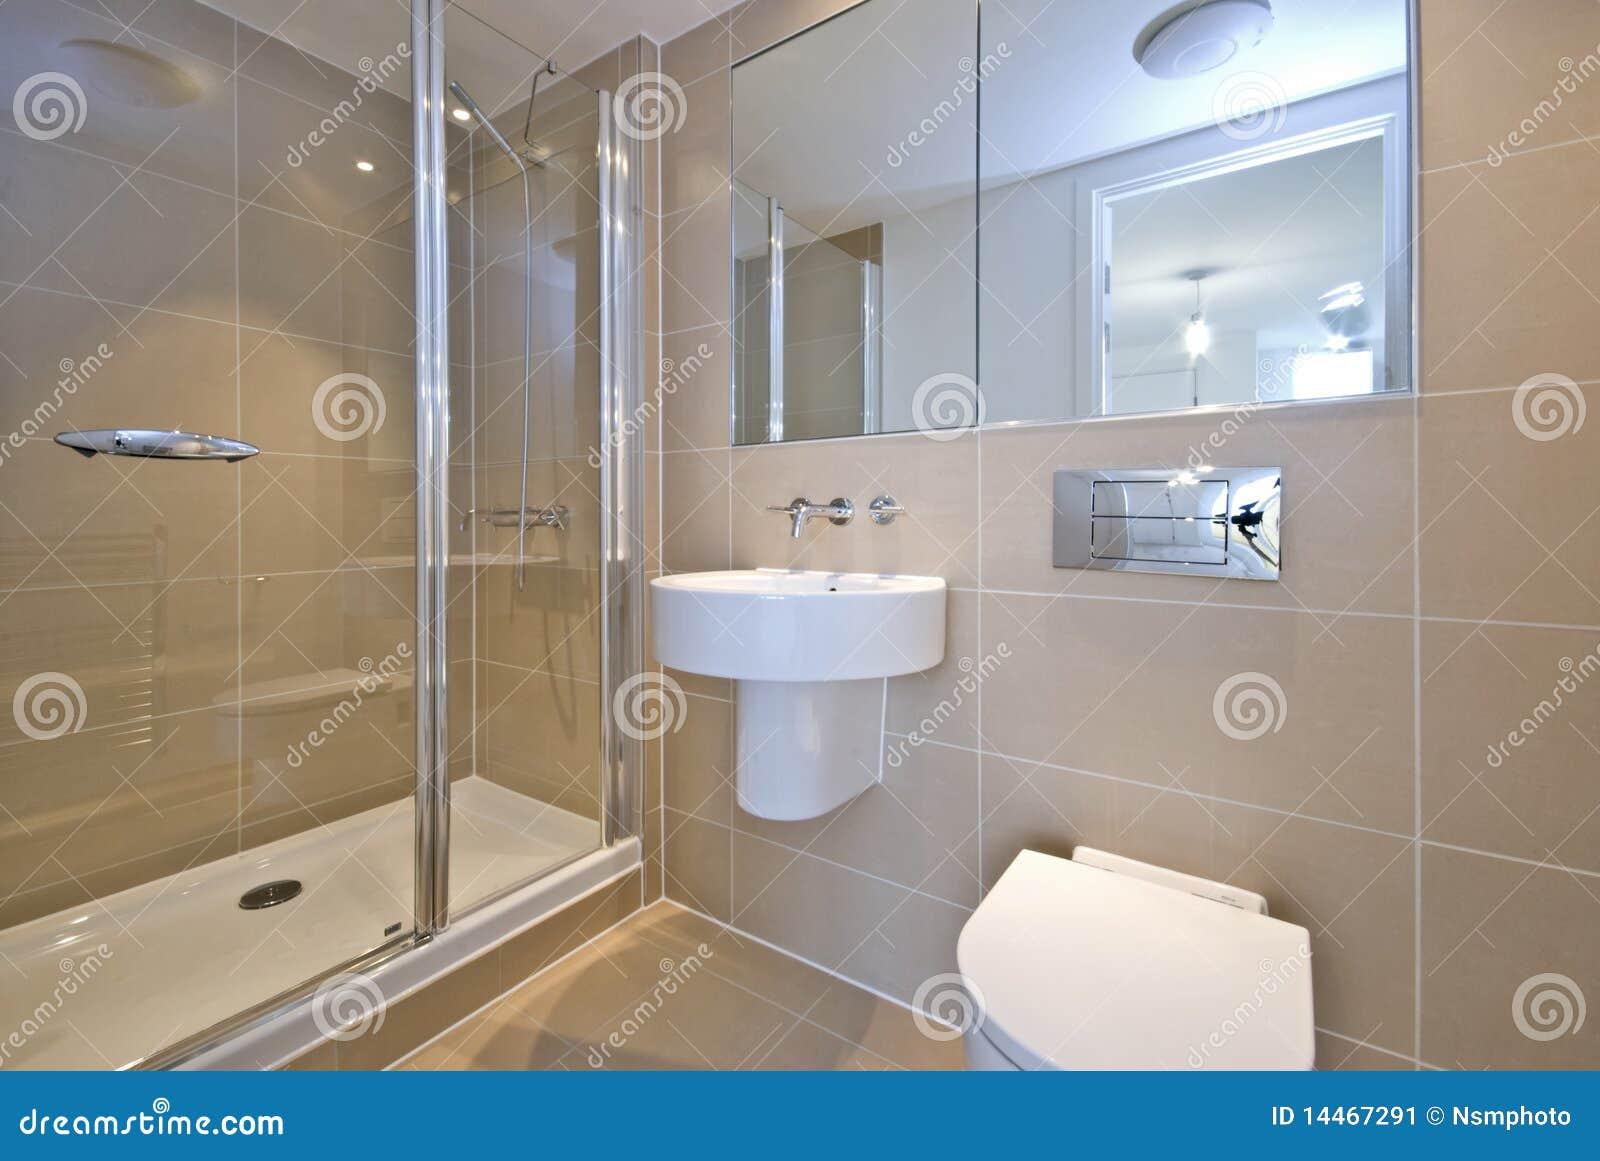 cuarto de bao moderno de la enhabitacin con la ducha with cuartos de bao modernos